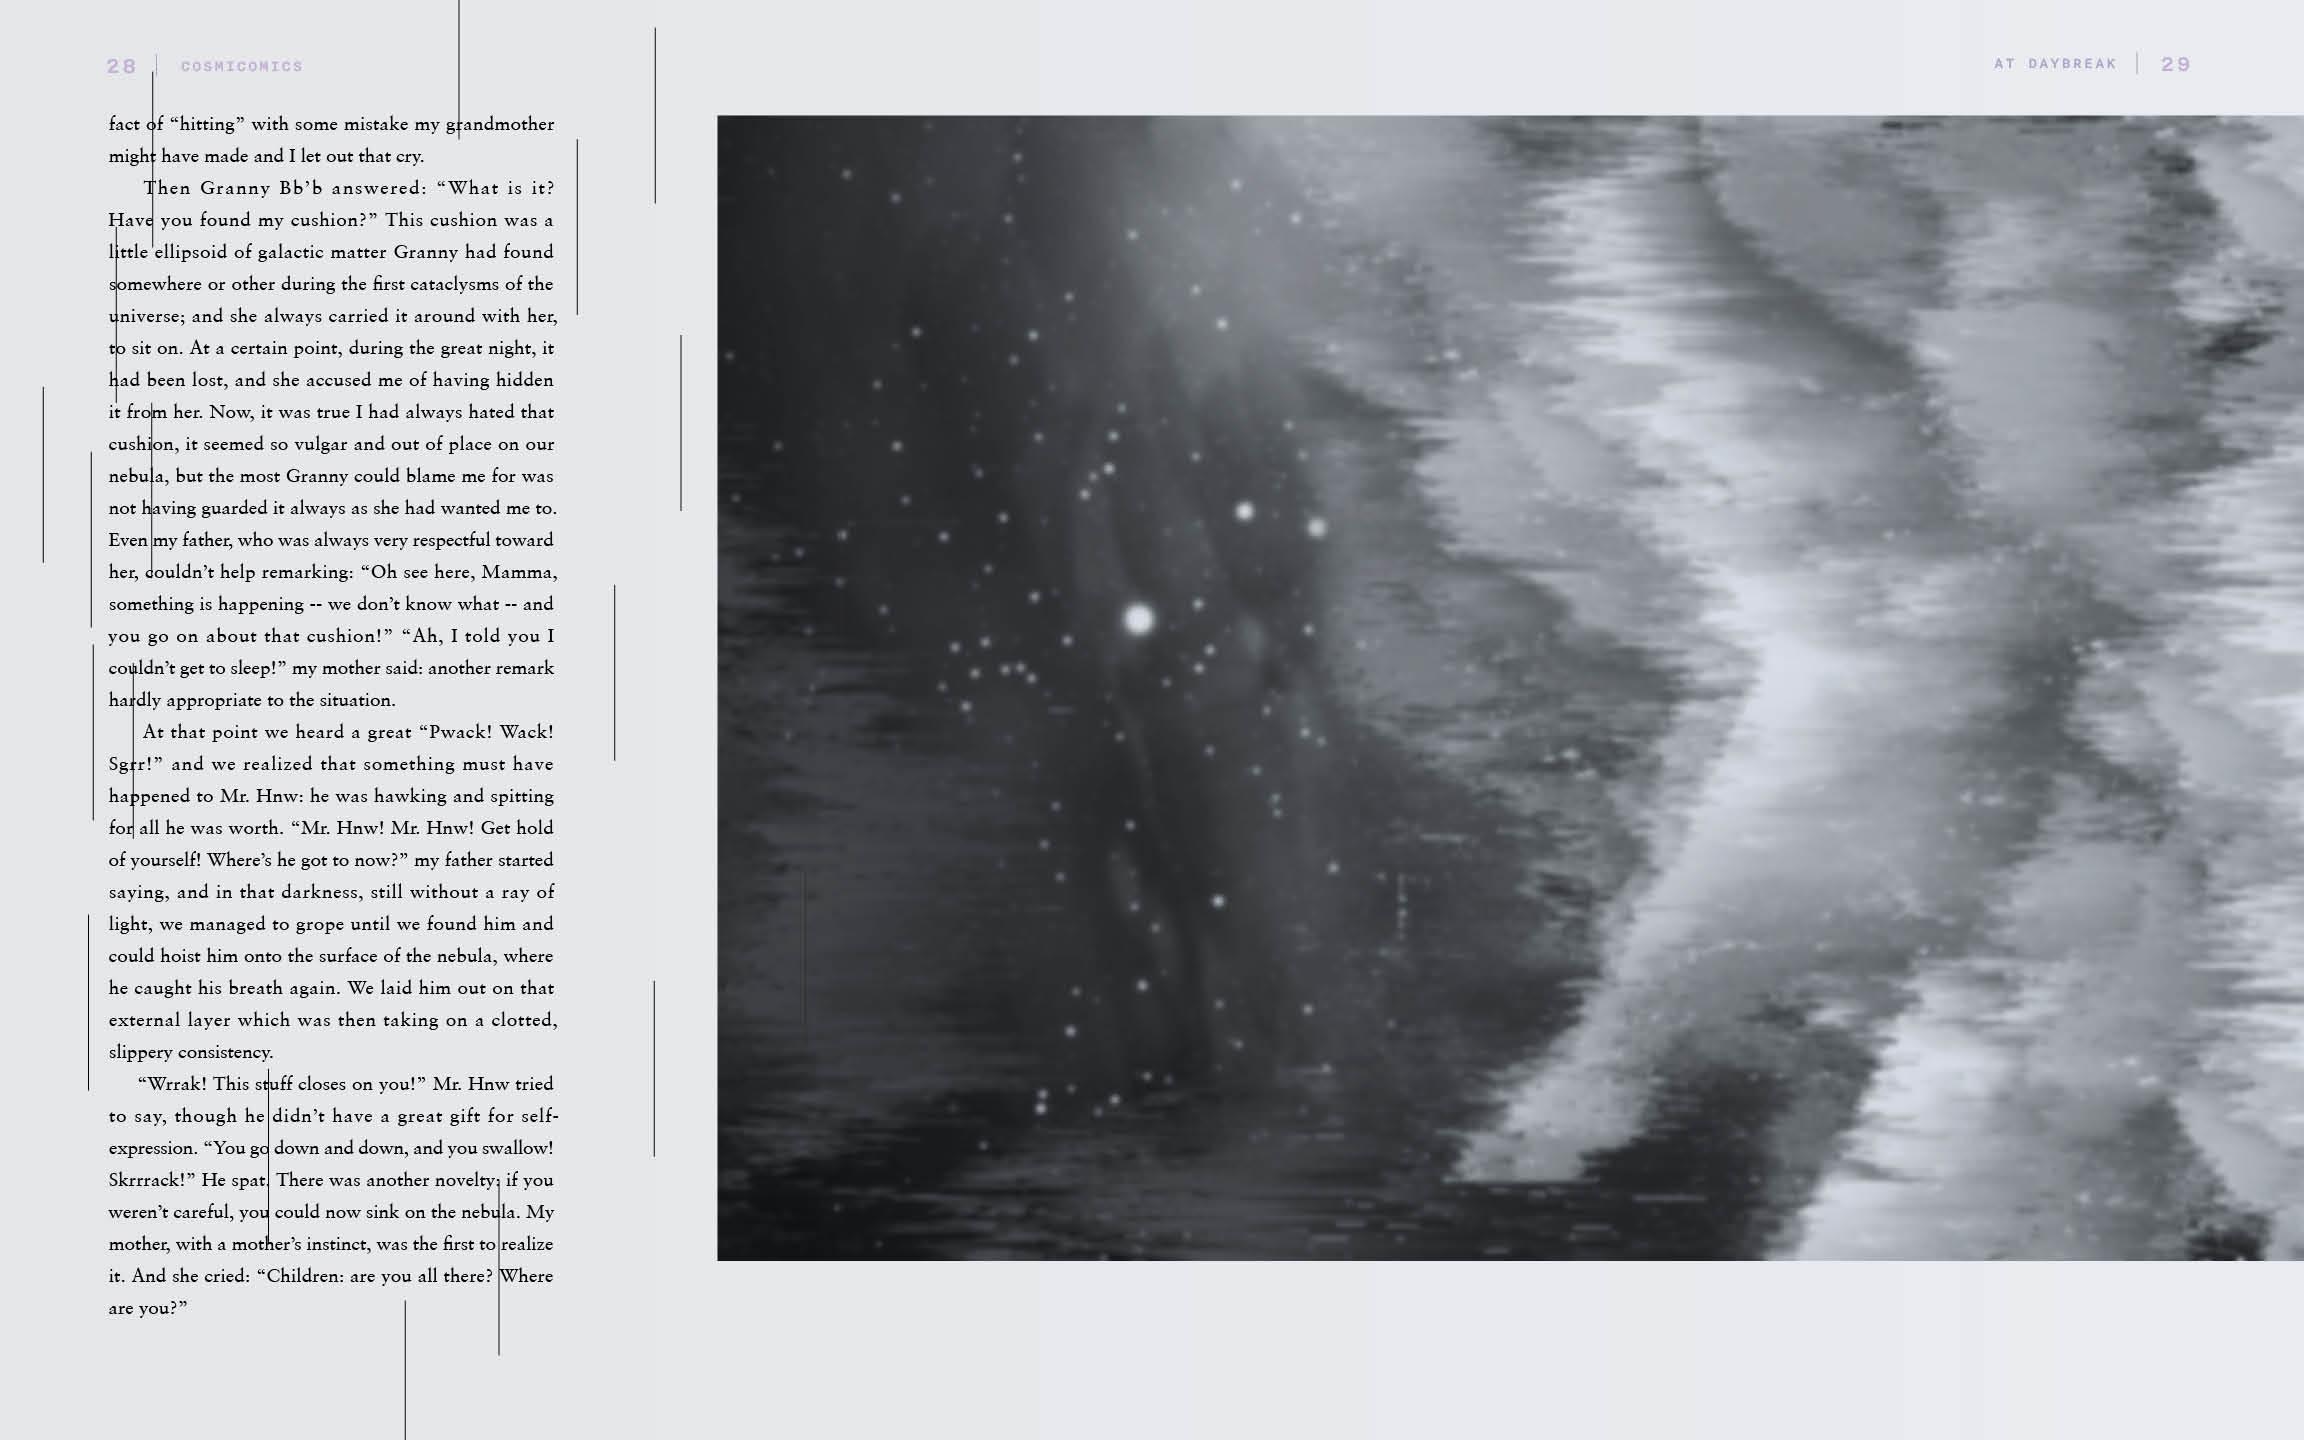 Cosmicomics_FINAL PRINT.415.jpg